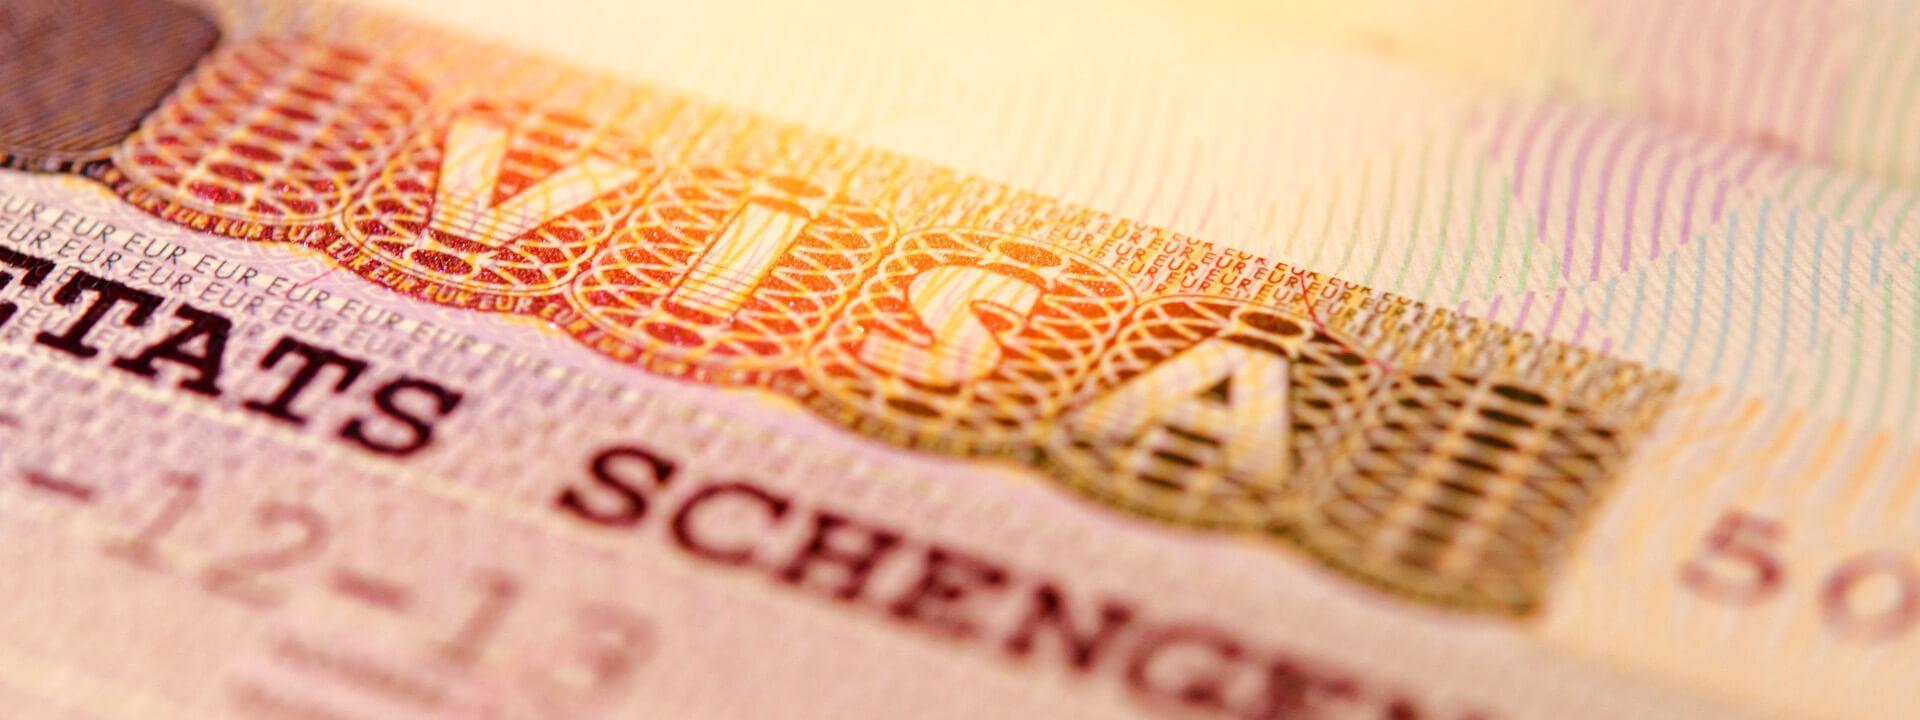 Einladung für ukrainer nach deutschland